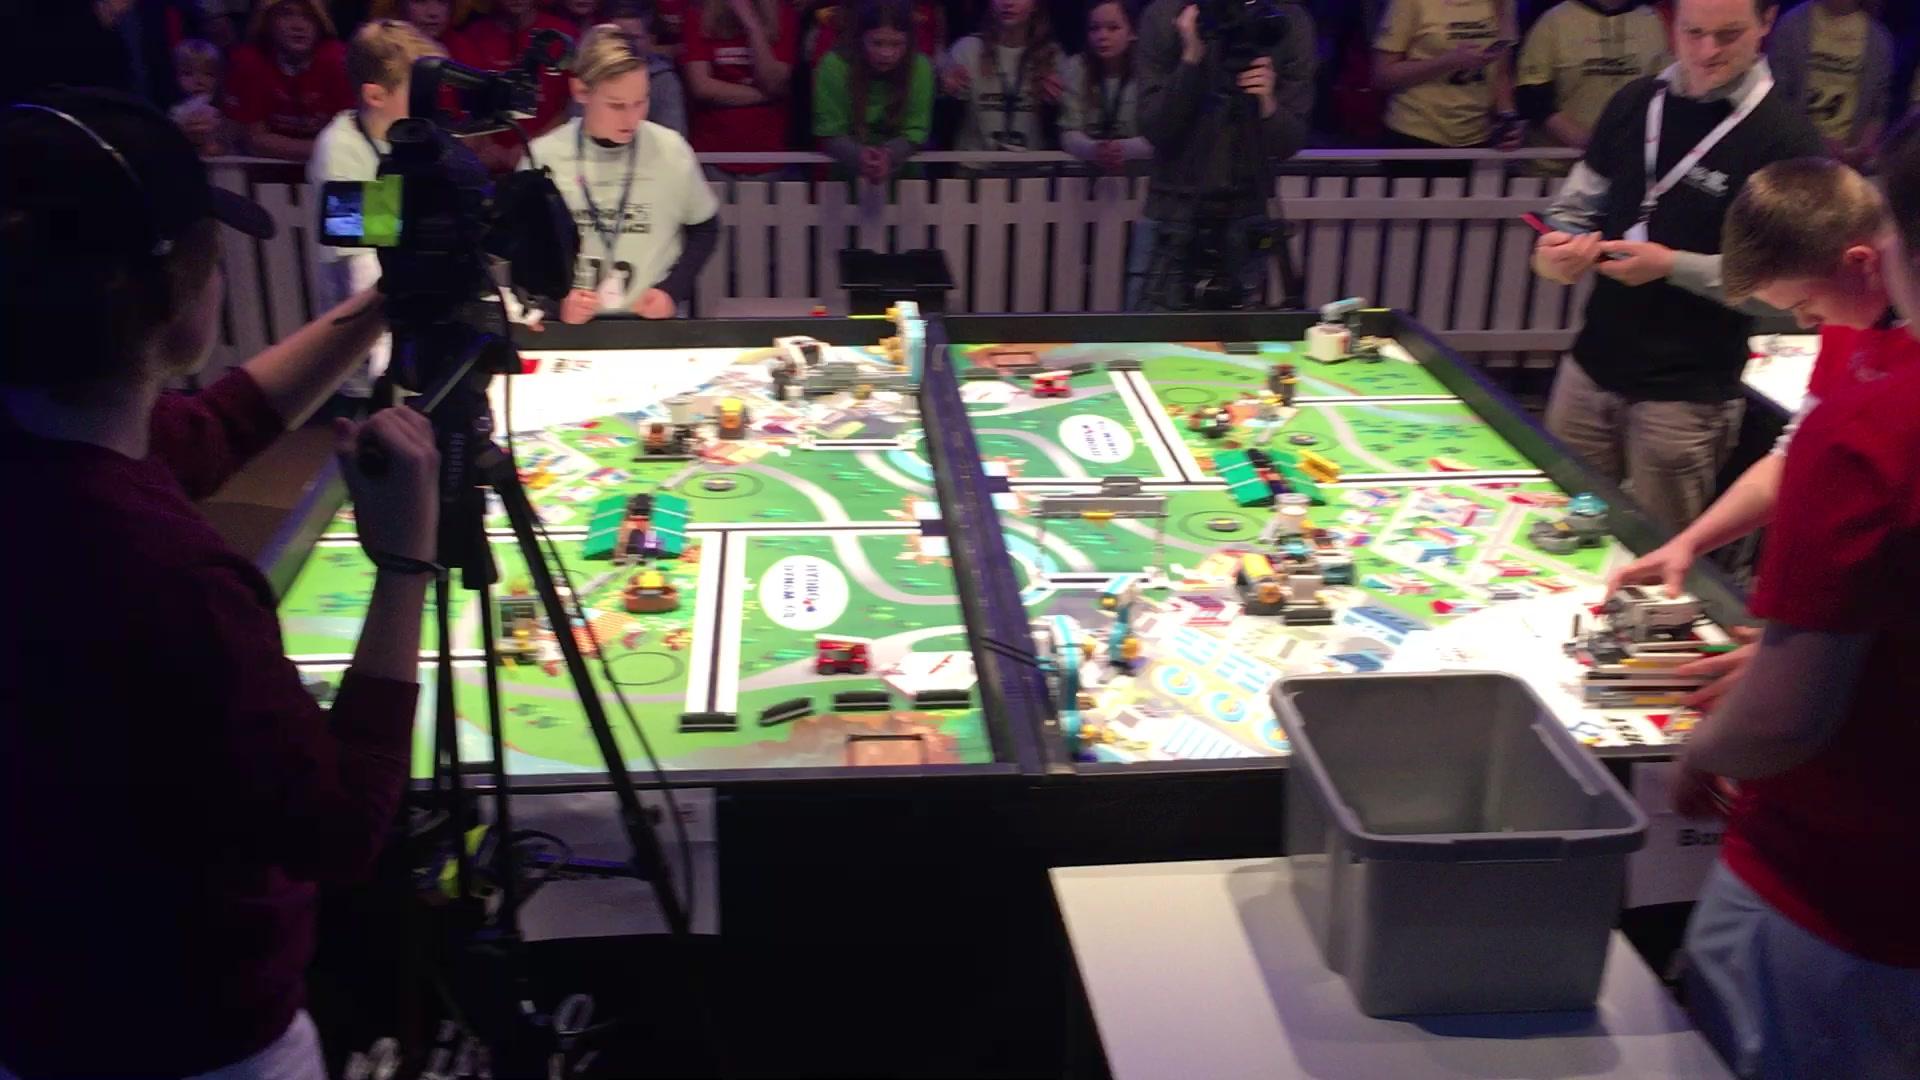 Lokaloppgjør i First Lego League